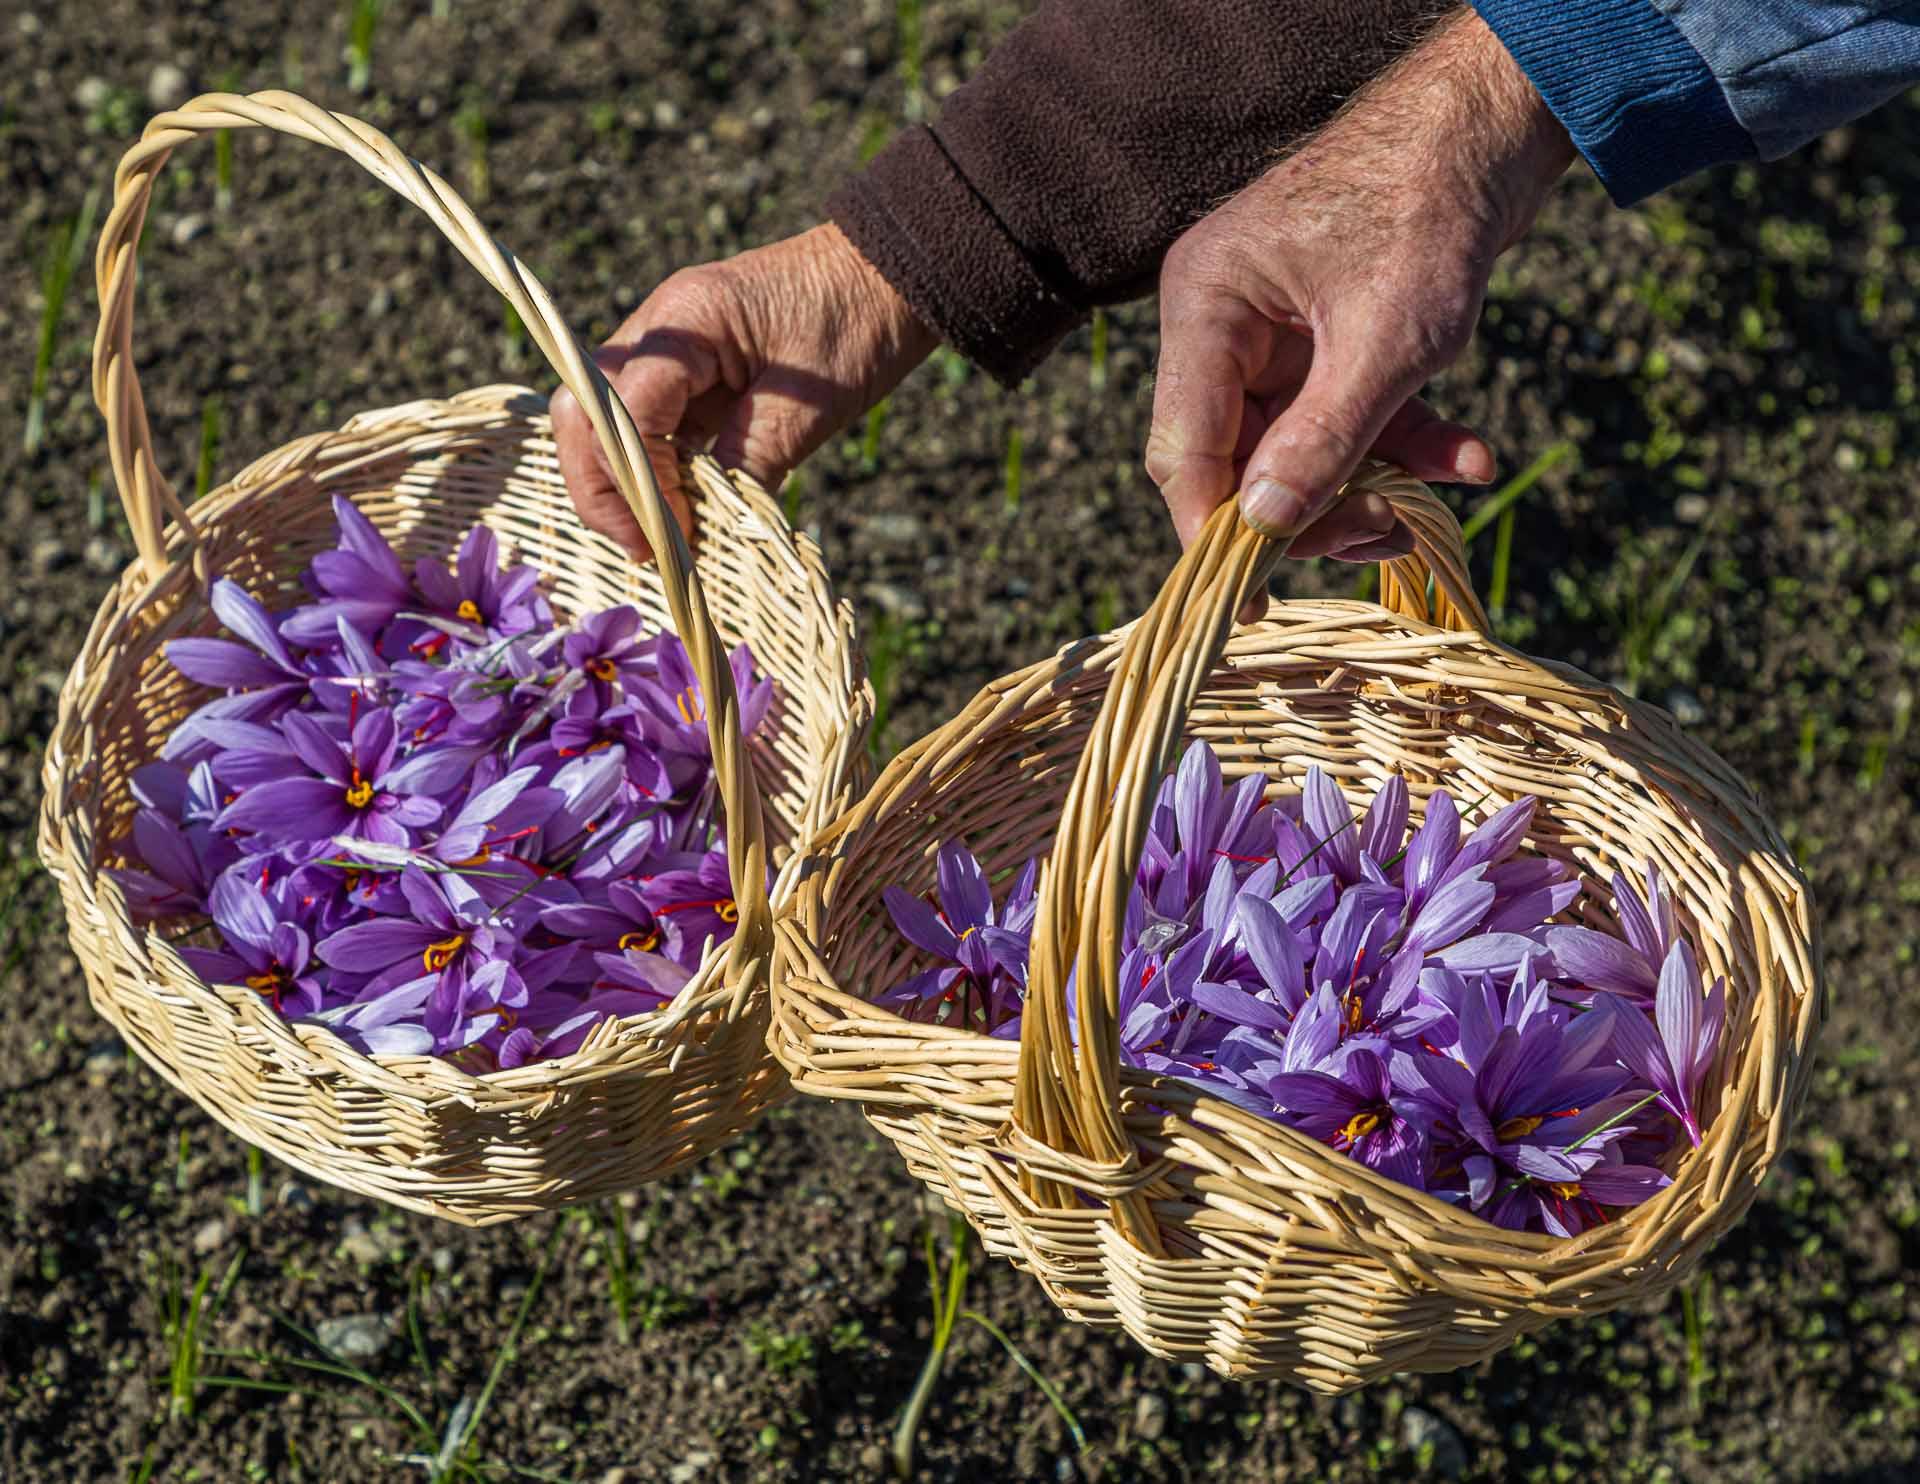 Safran fand im Mittelalter auch seinen Weg bis ins Wallis in der Schweiz. Im Dorf Mund wird auf kleinsten Flächen noch heute Safran angebaut und zwischen Oktober und November geerntet / © FrontRowSociety.net, Foto: Georg Berg